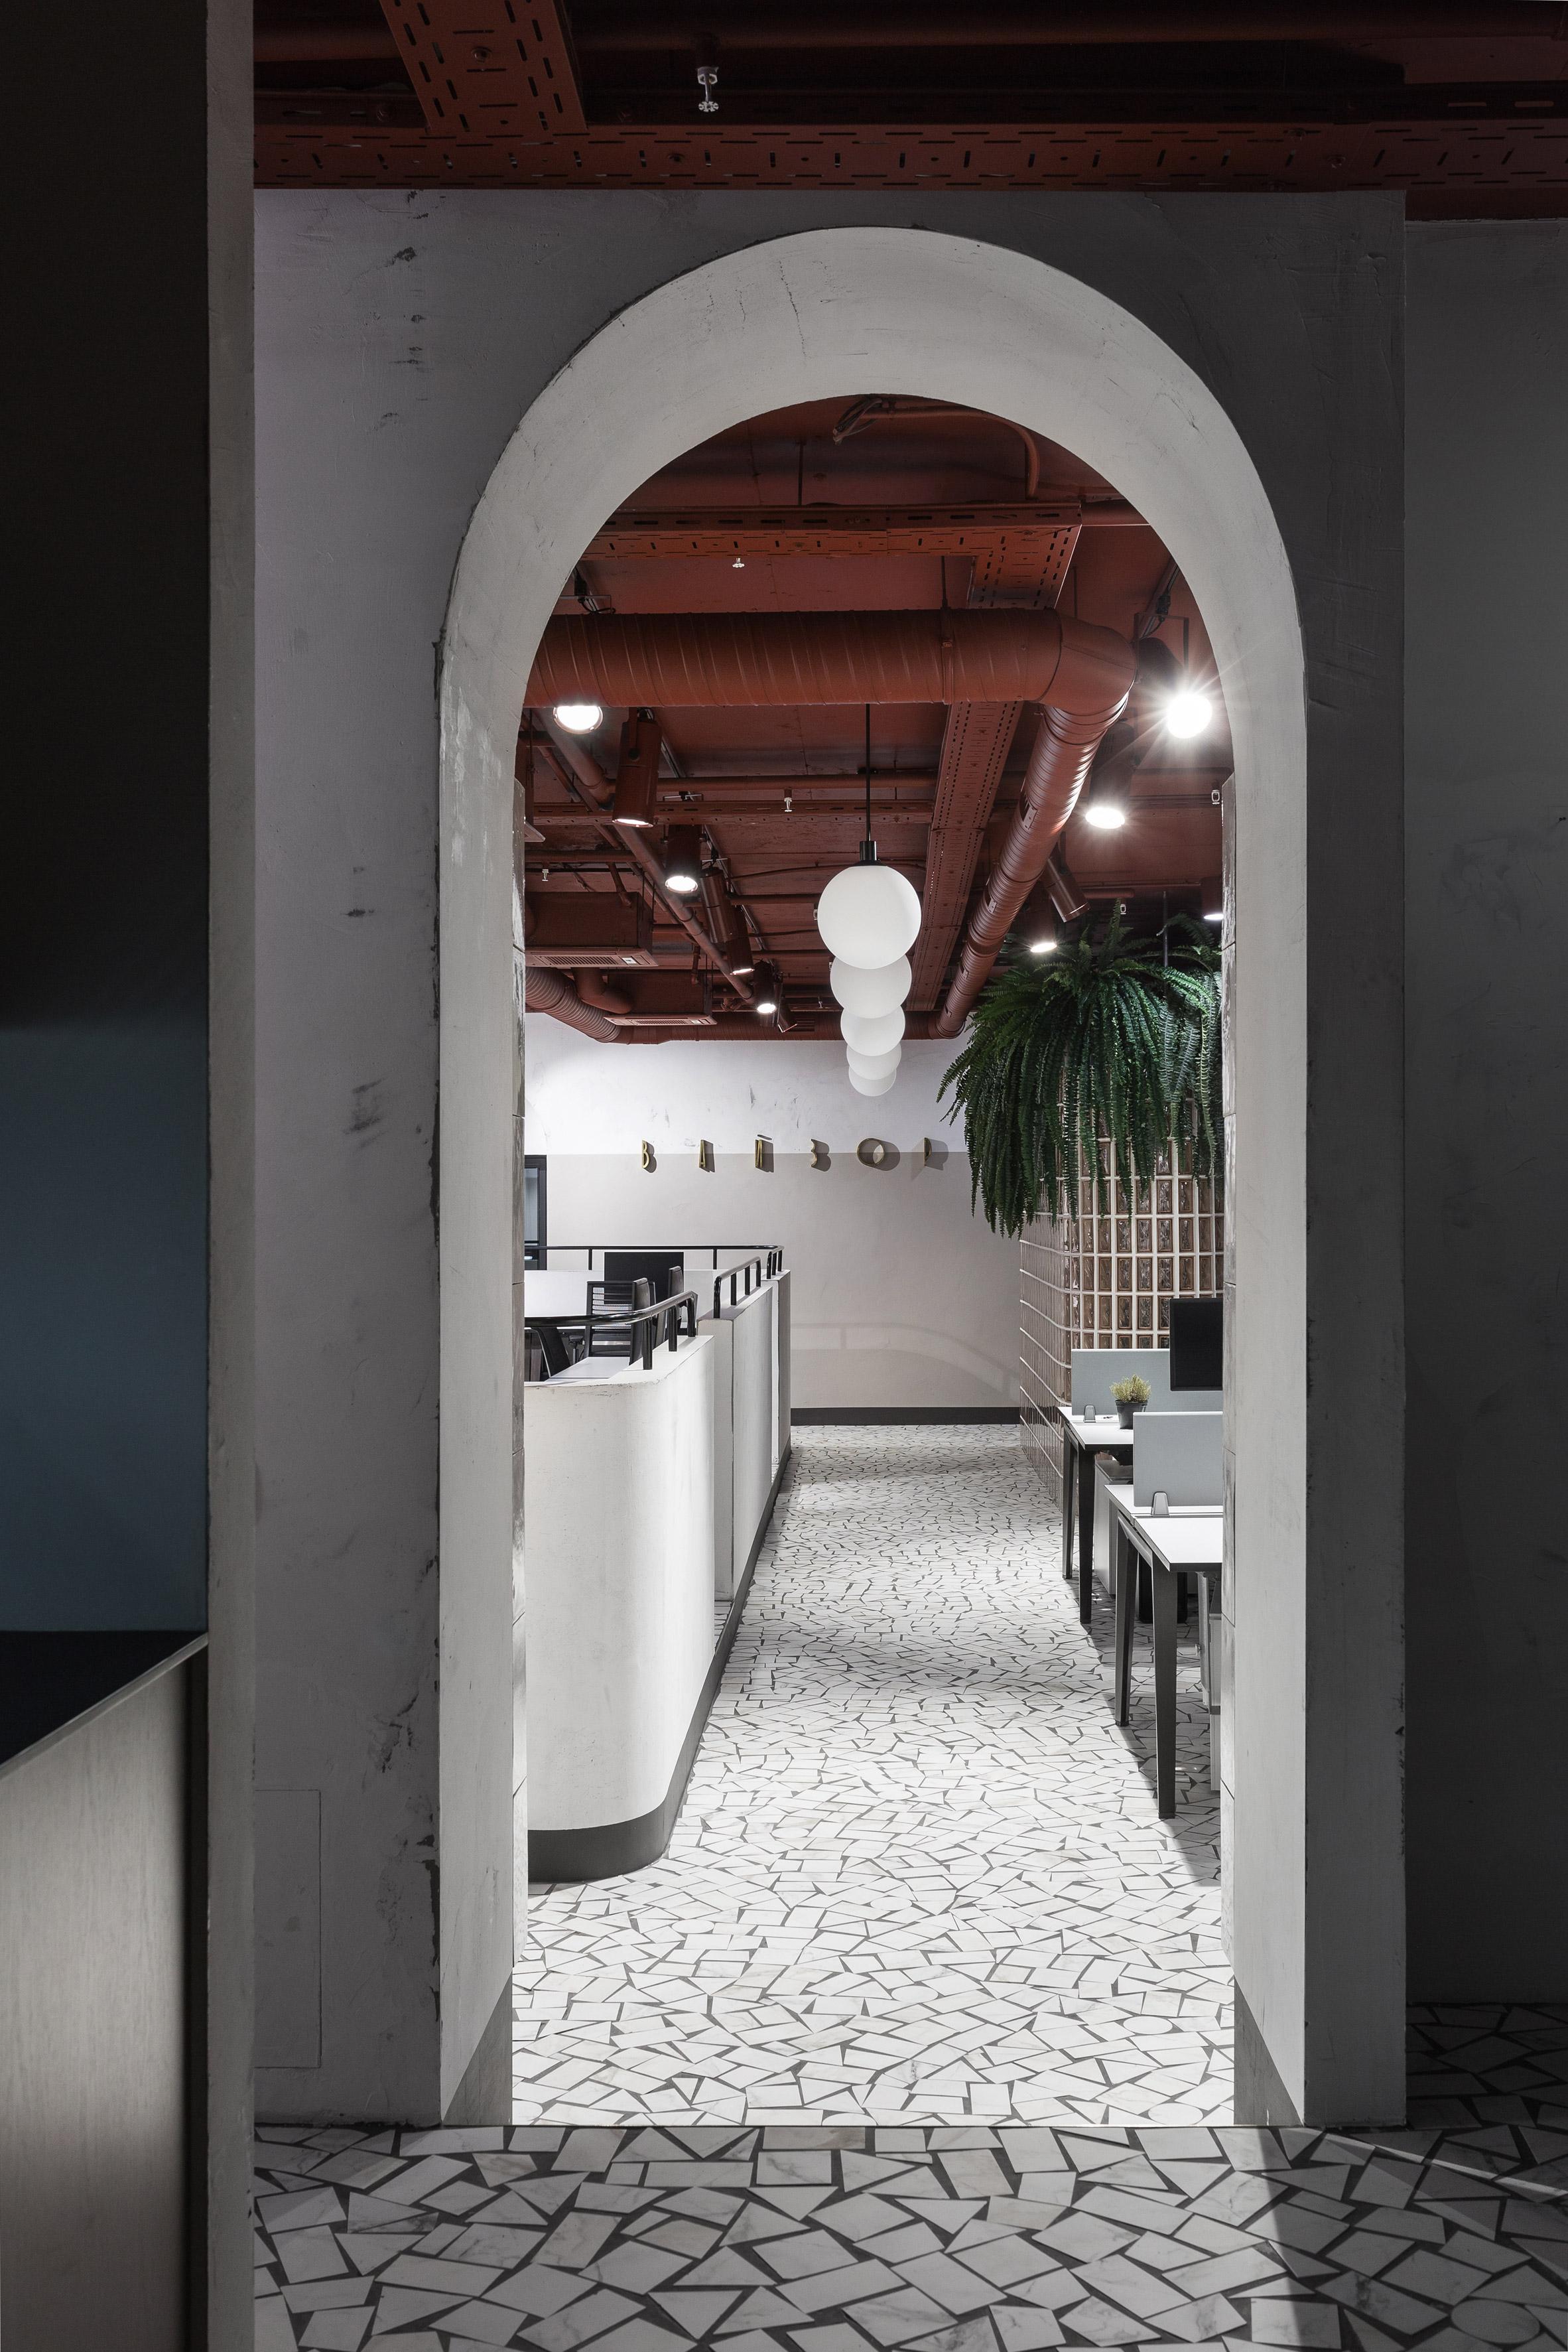 О модернистской архитектуре, в окружении которой находится офисVizor Interactive, напоминают оригинальные бетонные конструкции